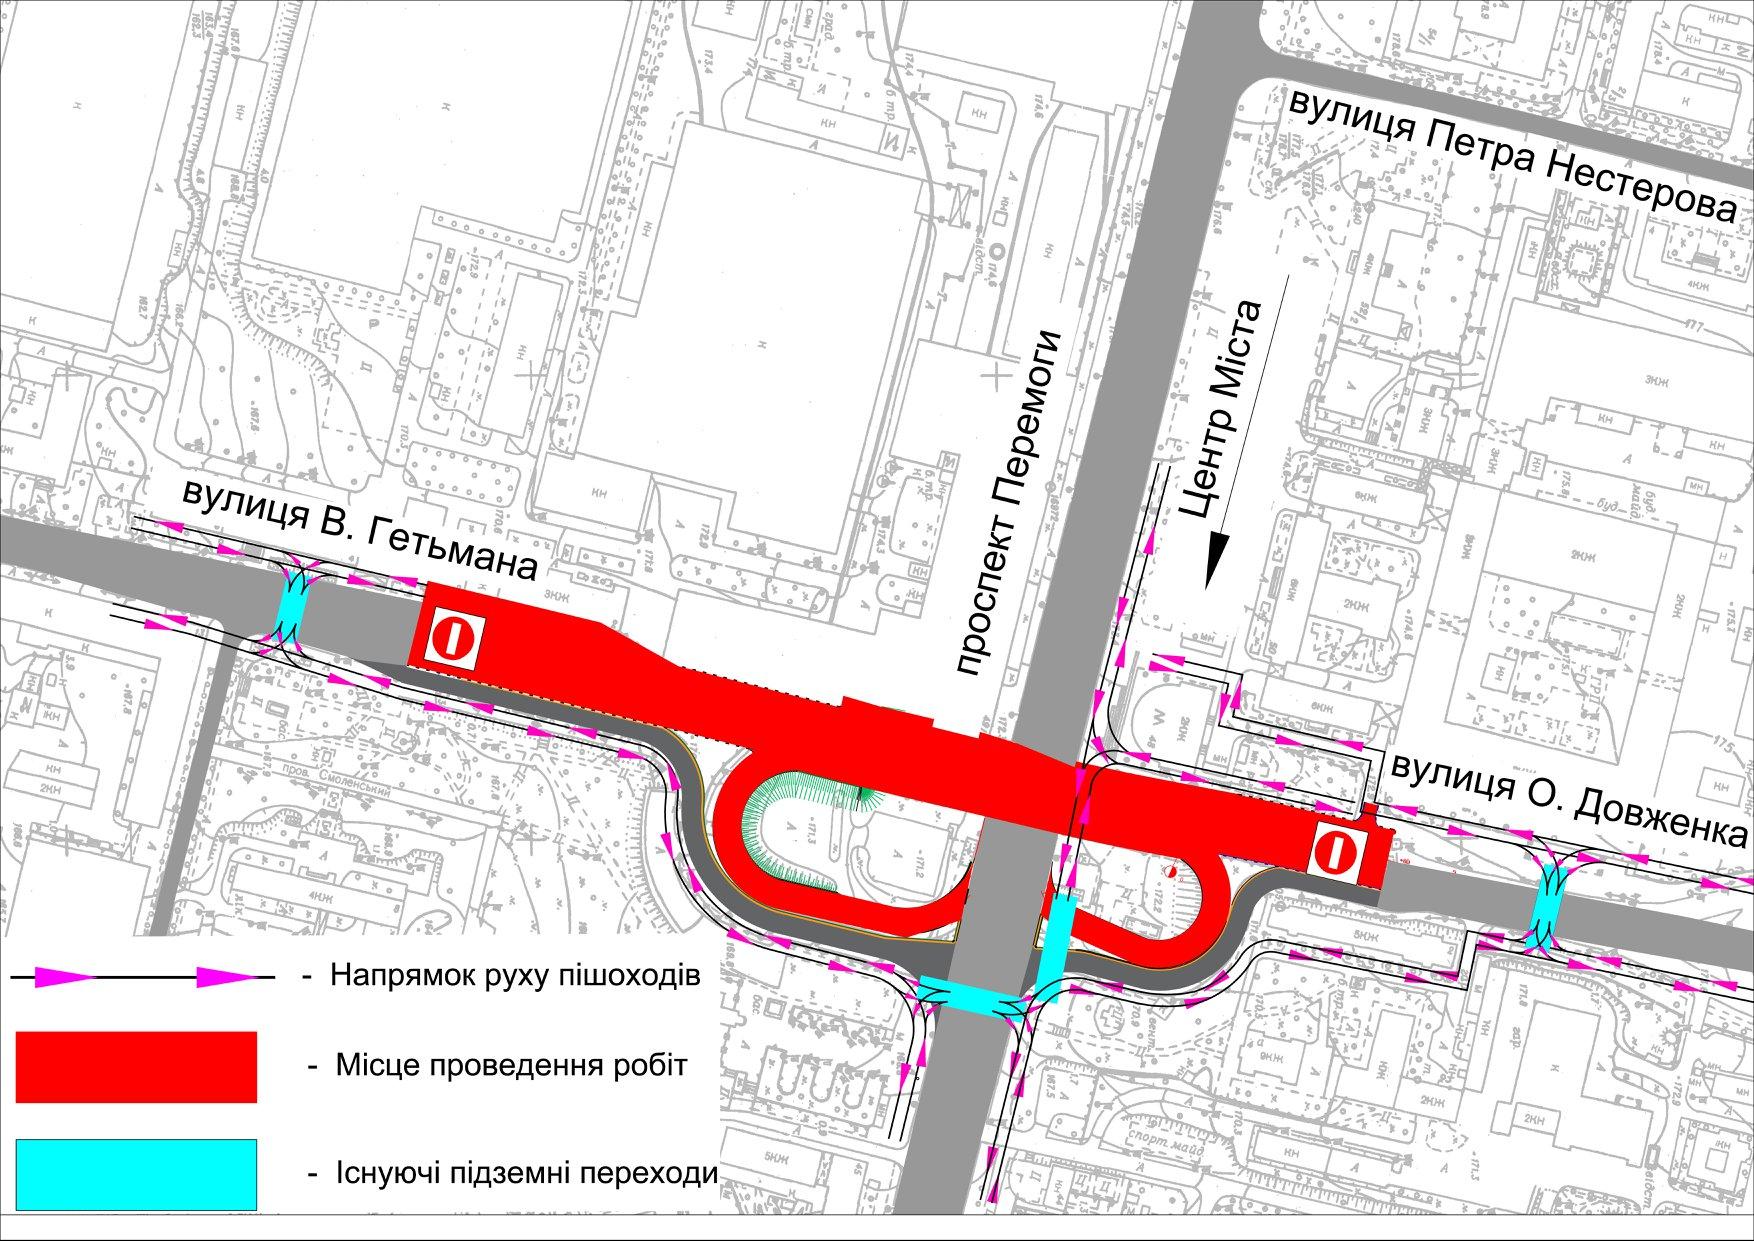 Для облегчения передвижениявозле Шулявского моста власти показали схему прохода для пешеходов